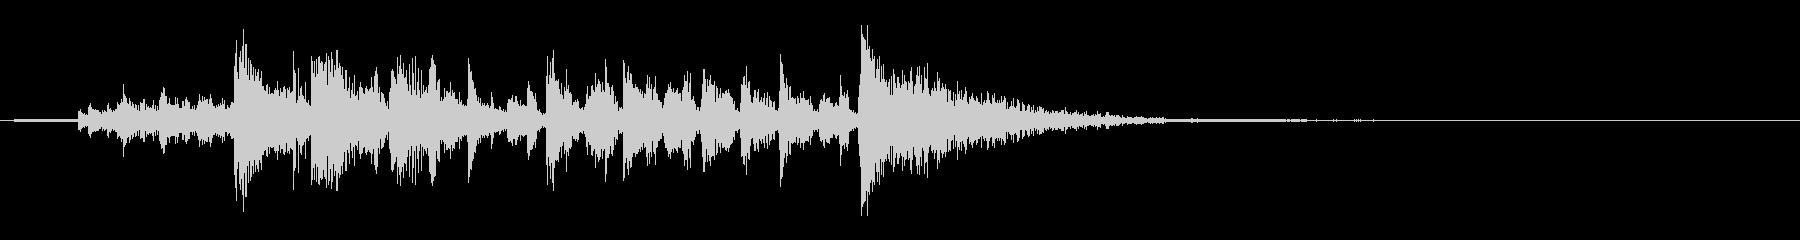 コーポレートラダーの未再生の波形